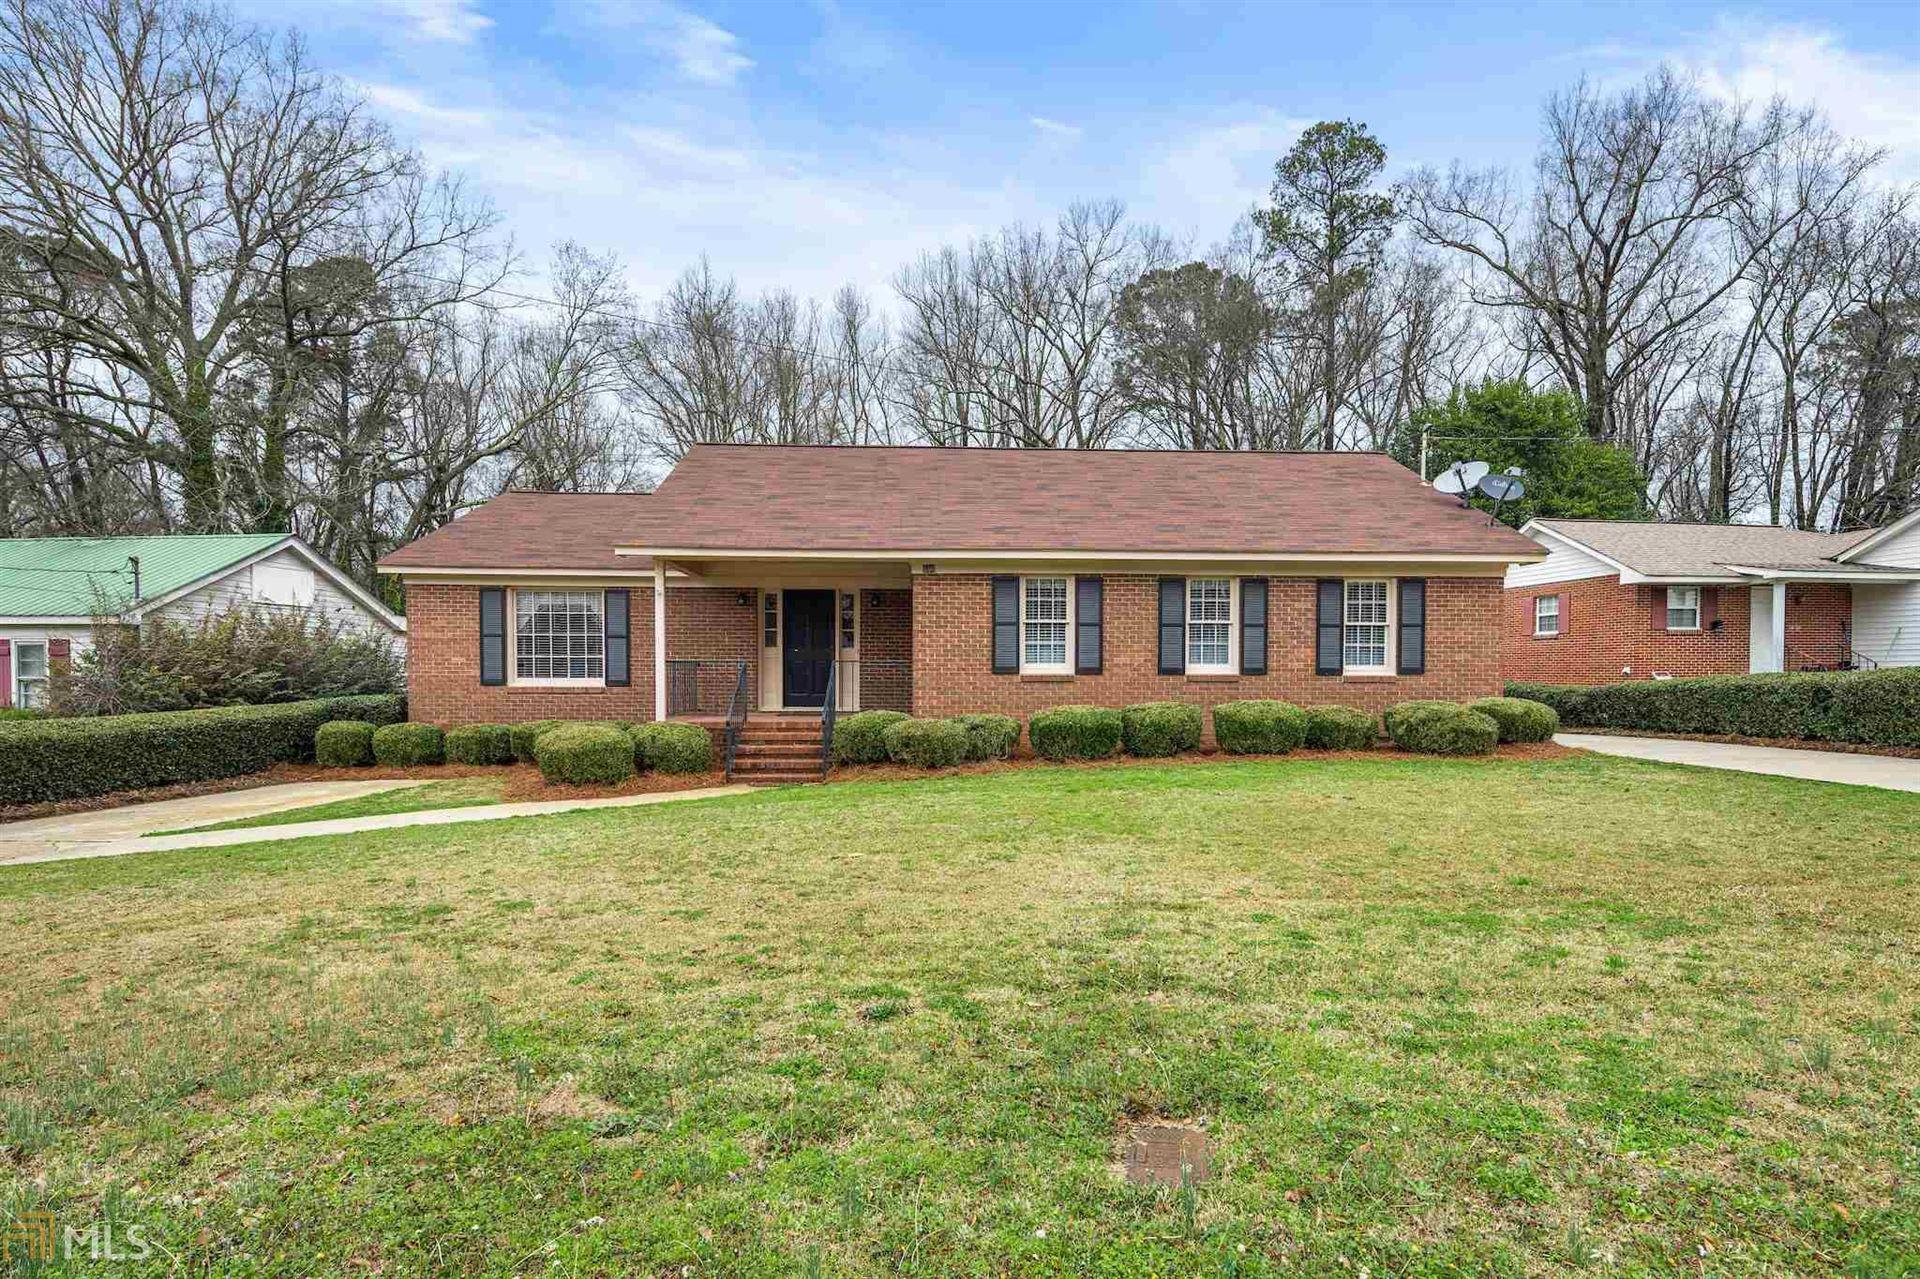 408 Ridgeland Dr, Sandersville, GA 31082 - MLS#: 8938533